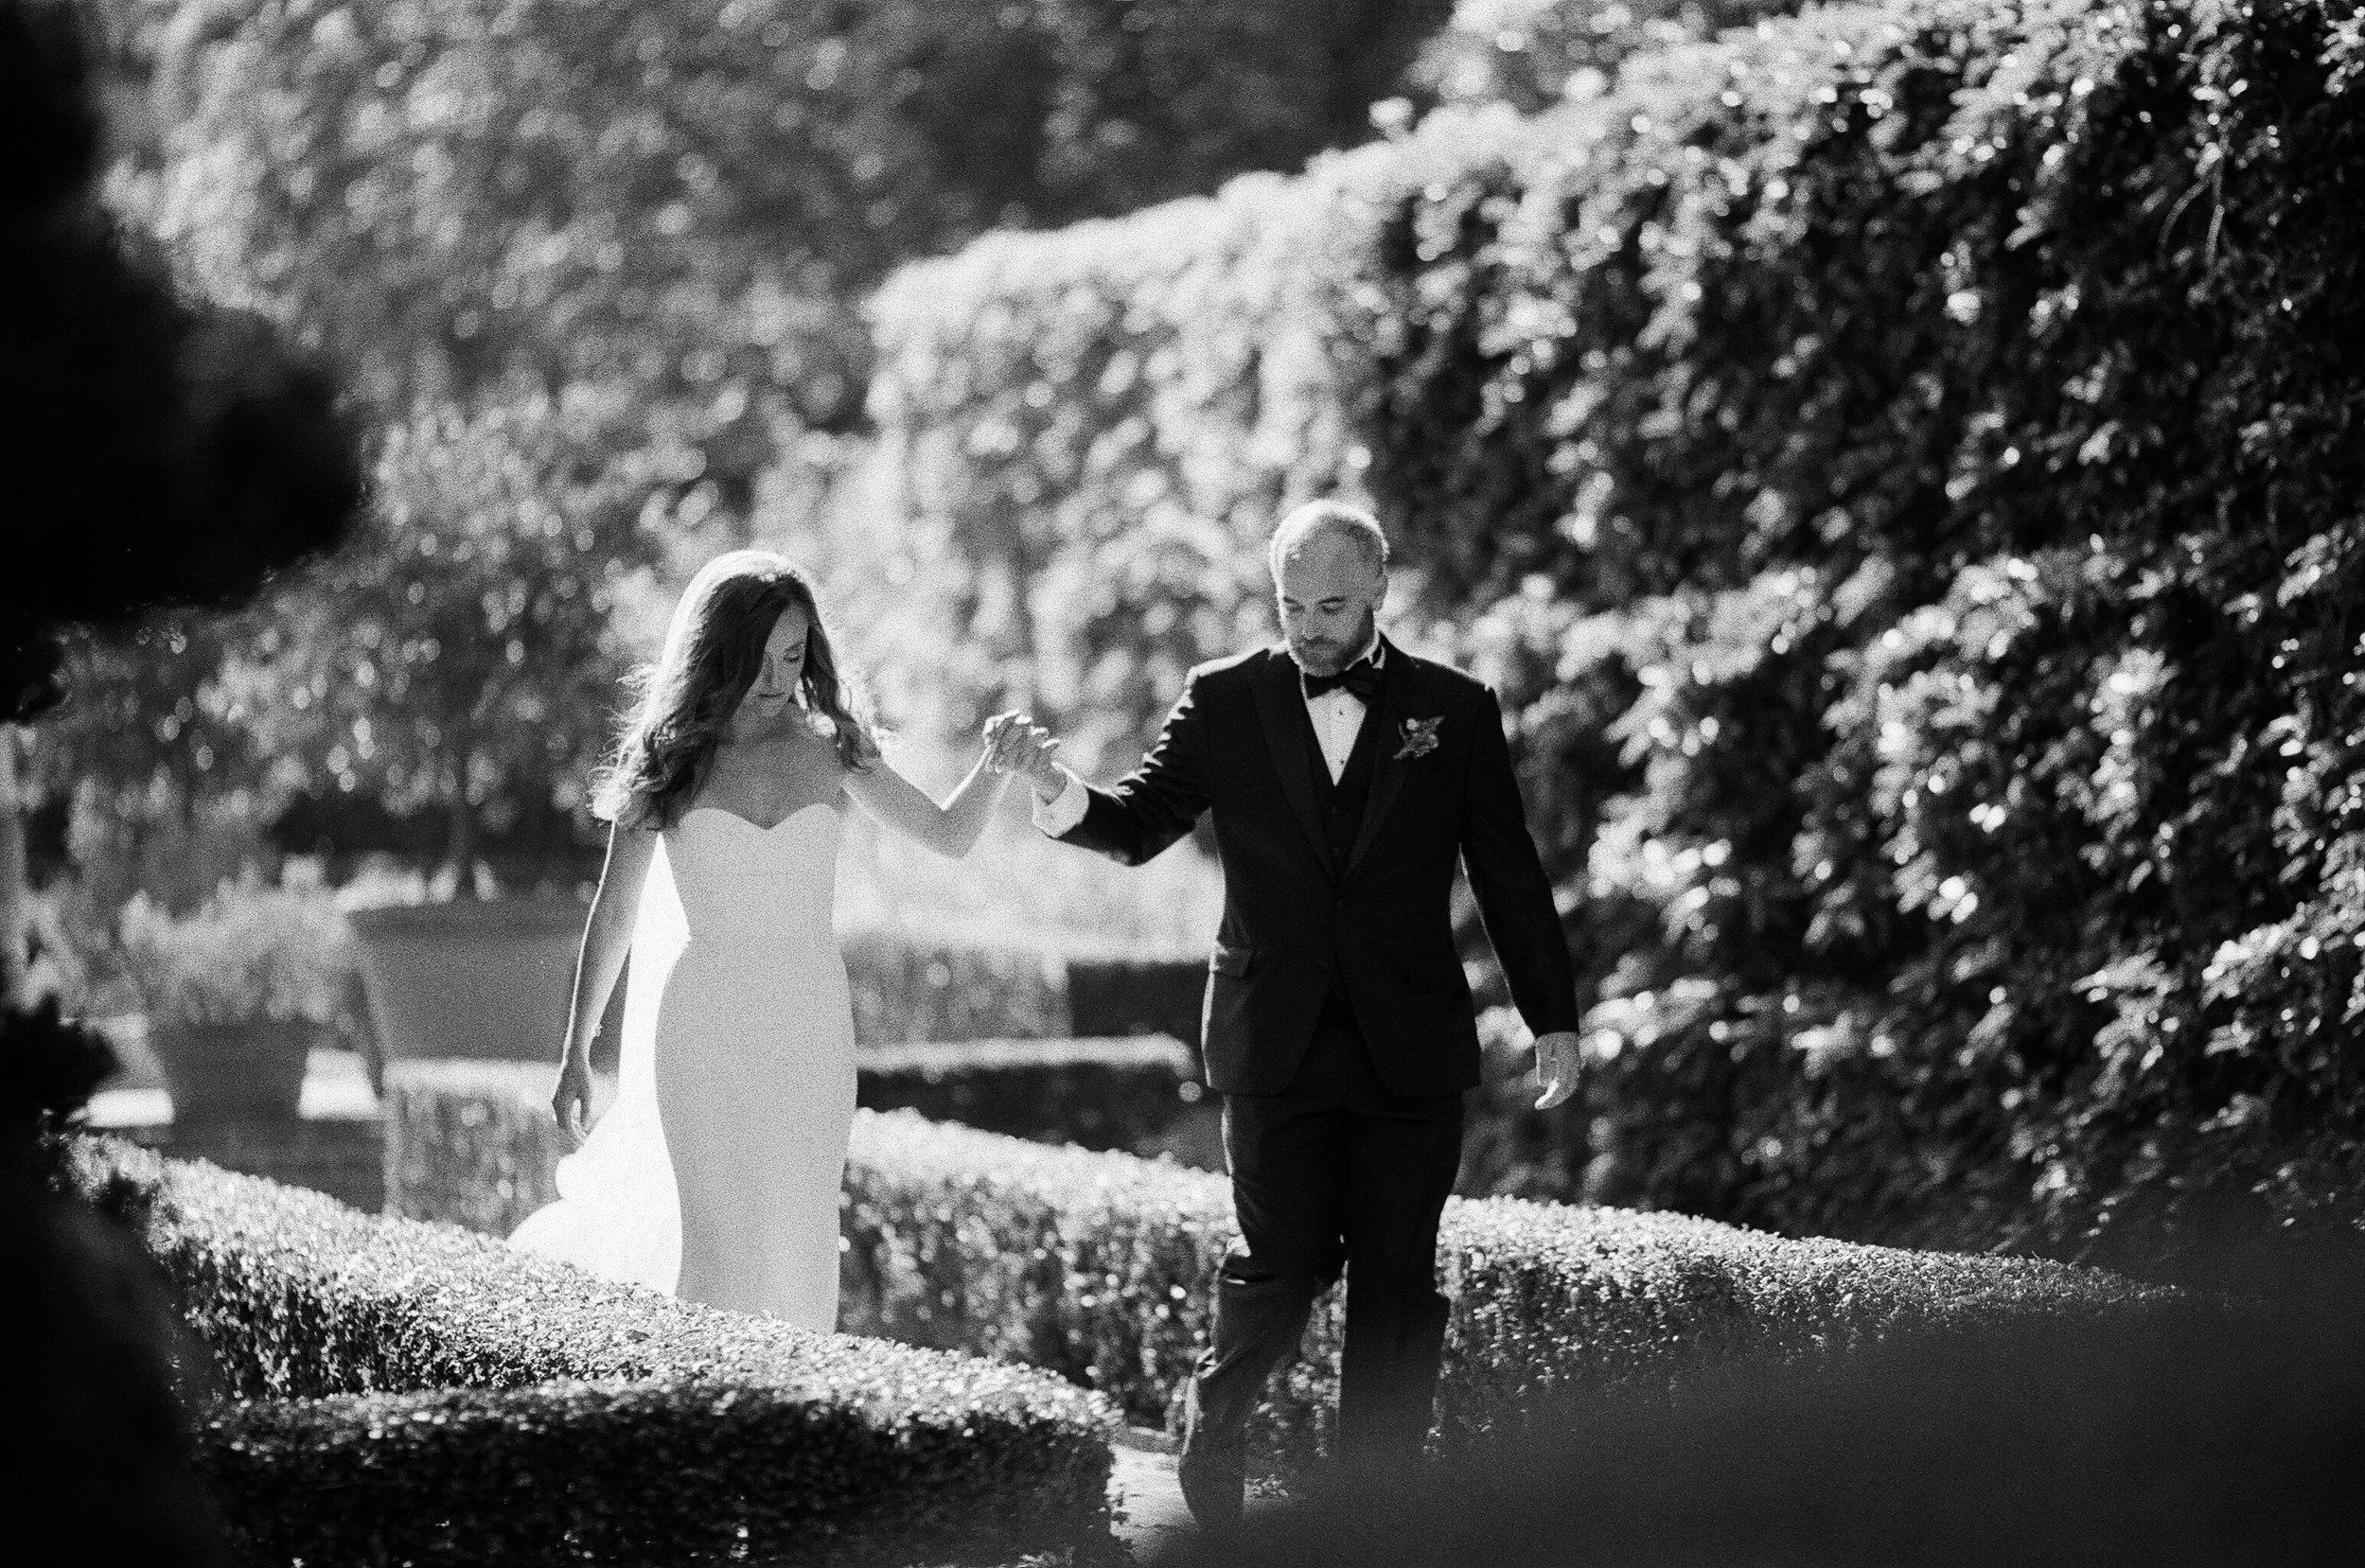 bride and groom entering garden reception